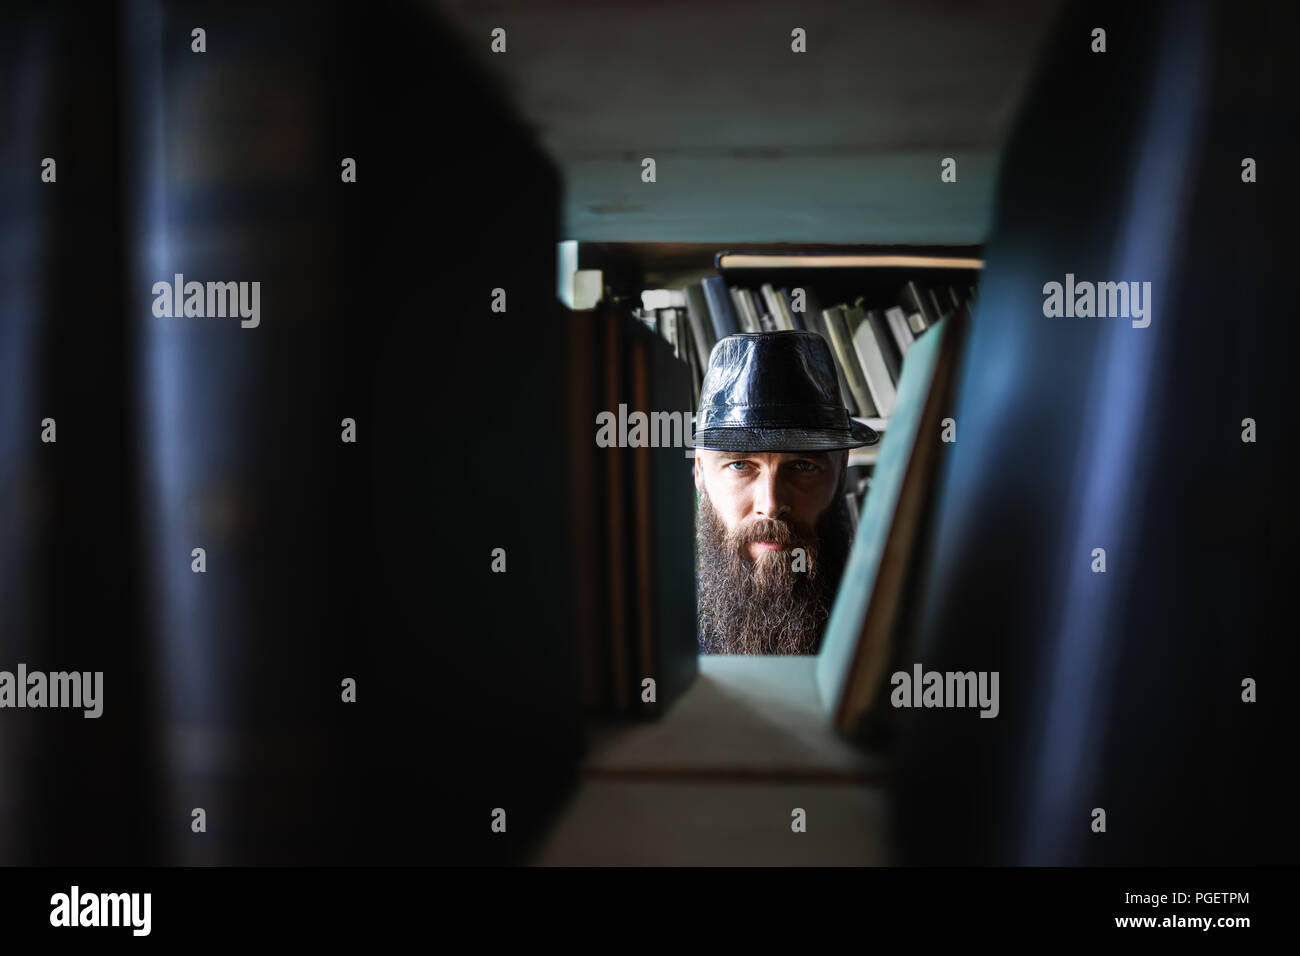 Uomo Barbuto spionaggio attraverso scaffali. mistero сoncept Immagini Stock